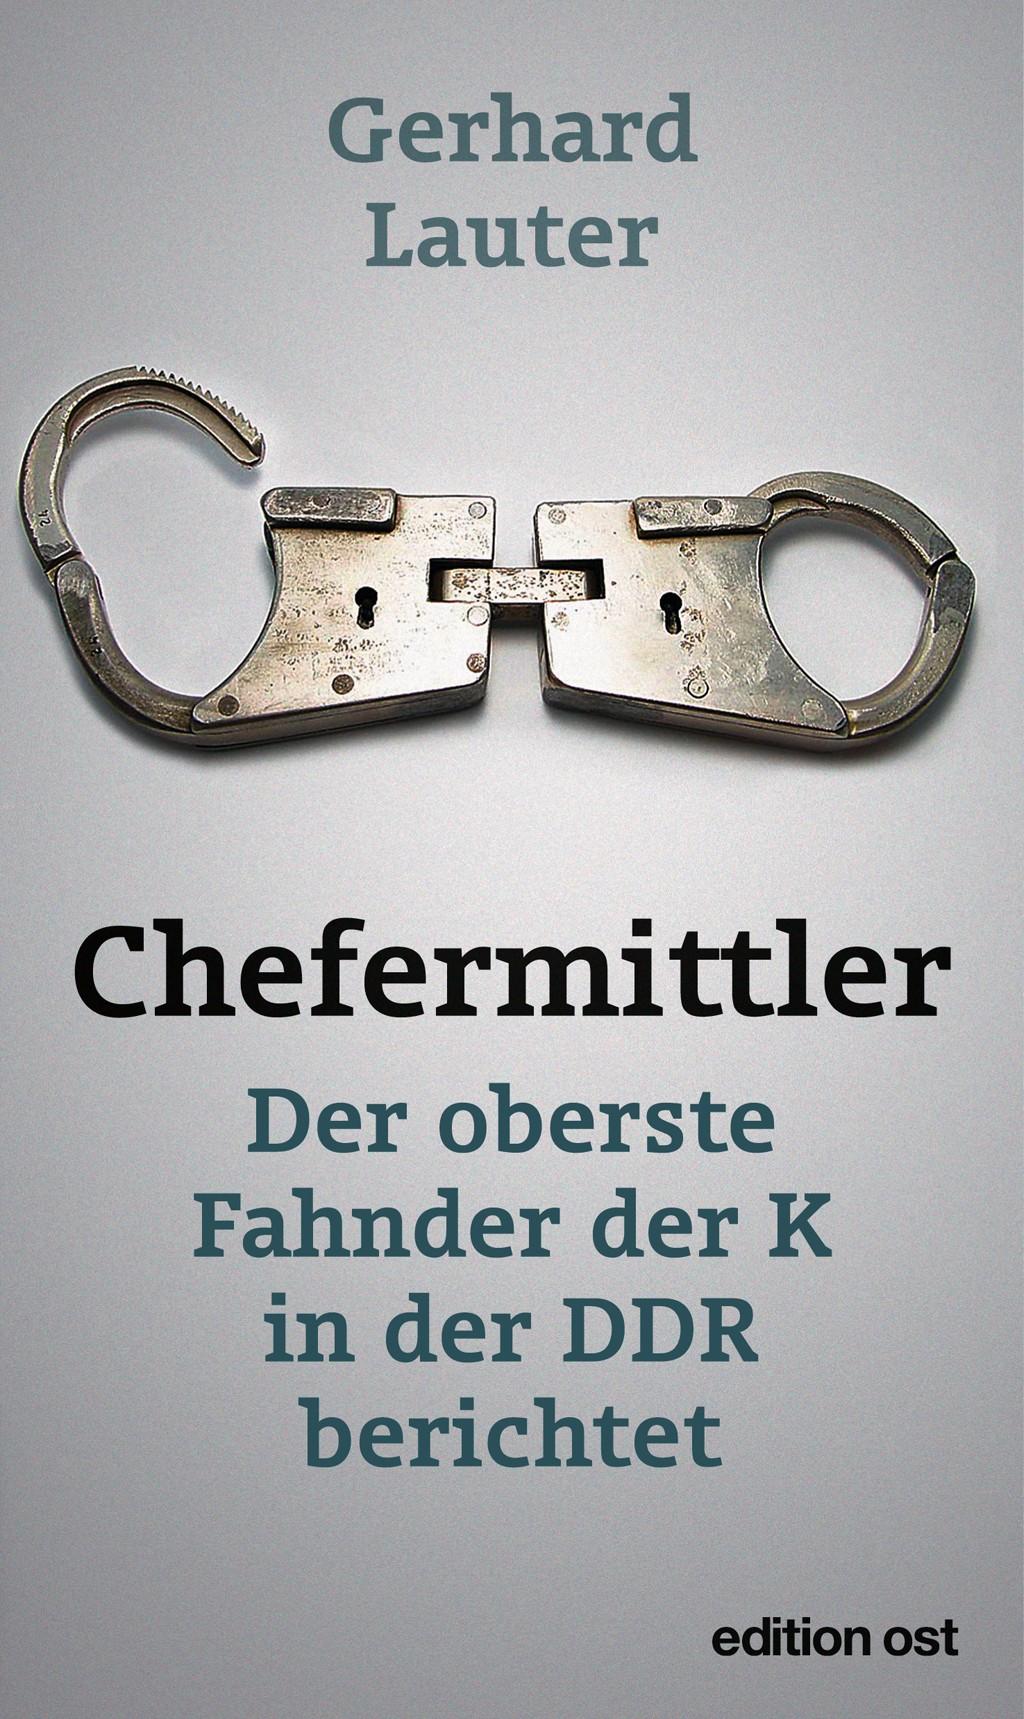 Chefermittler edition ost eulenspiegel verlagsgruppe for Spiegel printausgabe